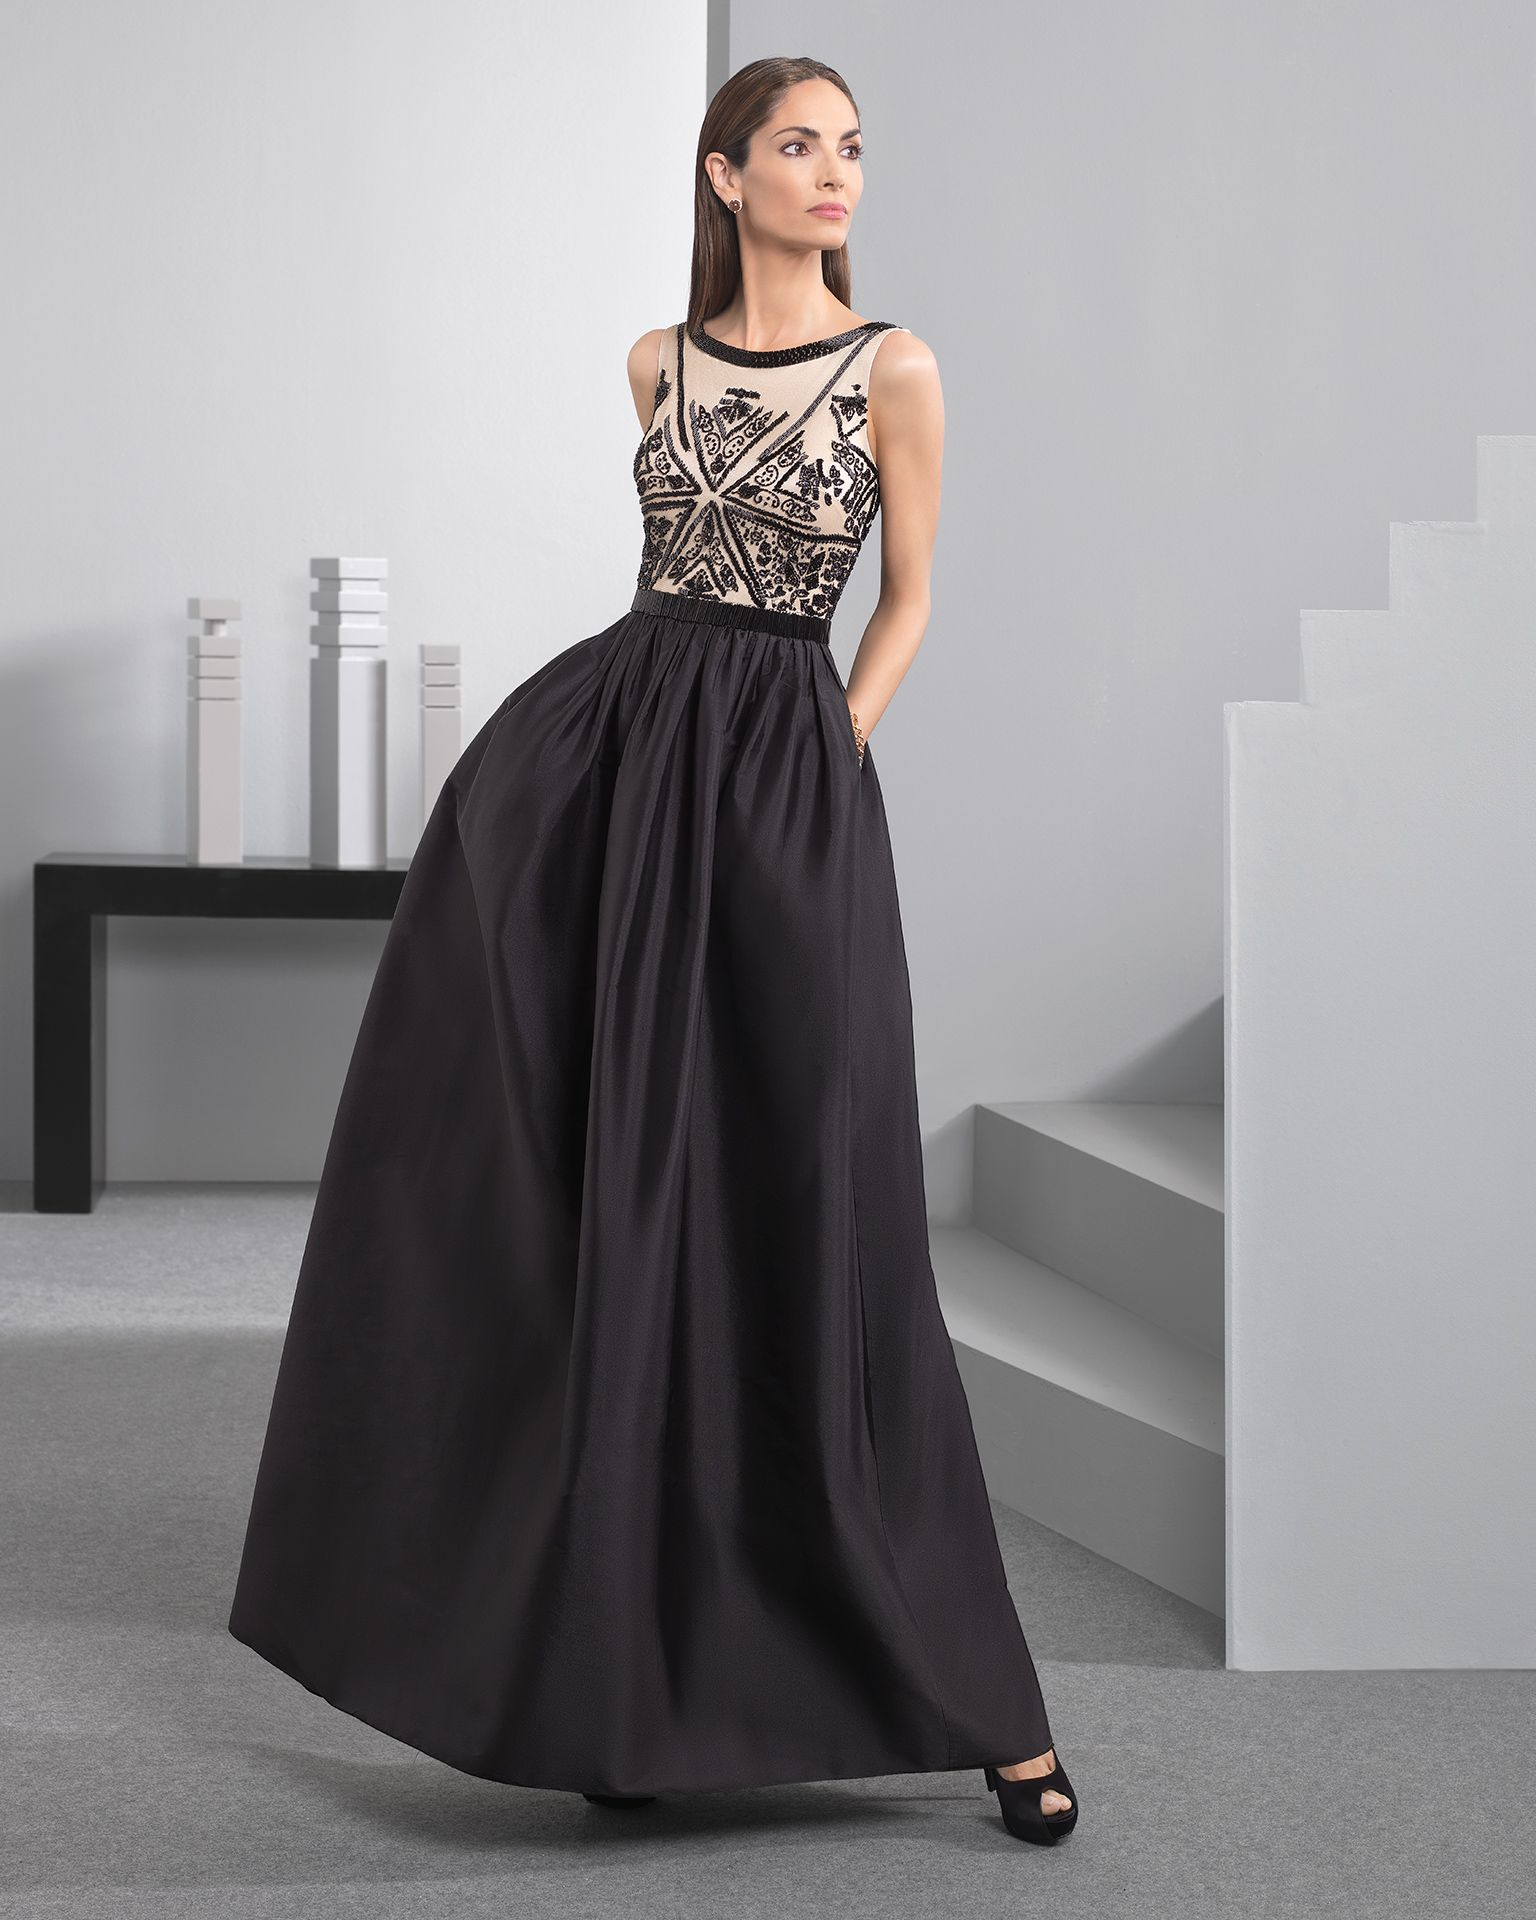 Vestido comprido confecionado com corpo de brilhantes e saia de tafetá, com  gola redonda e costas em bico, complementado com transparência, em  preto cor de ... 82d4bcd882